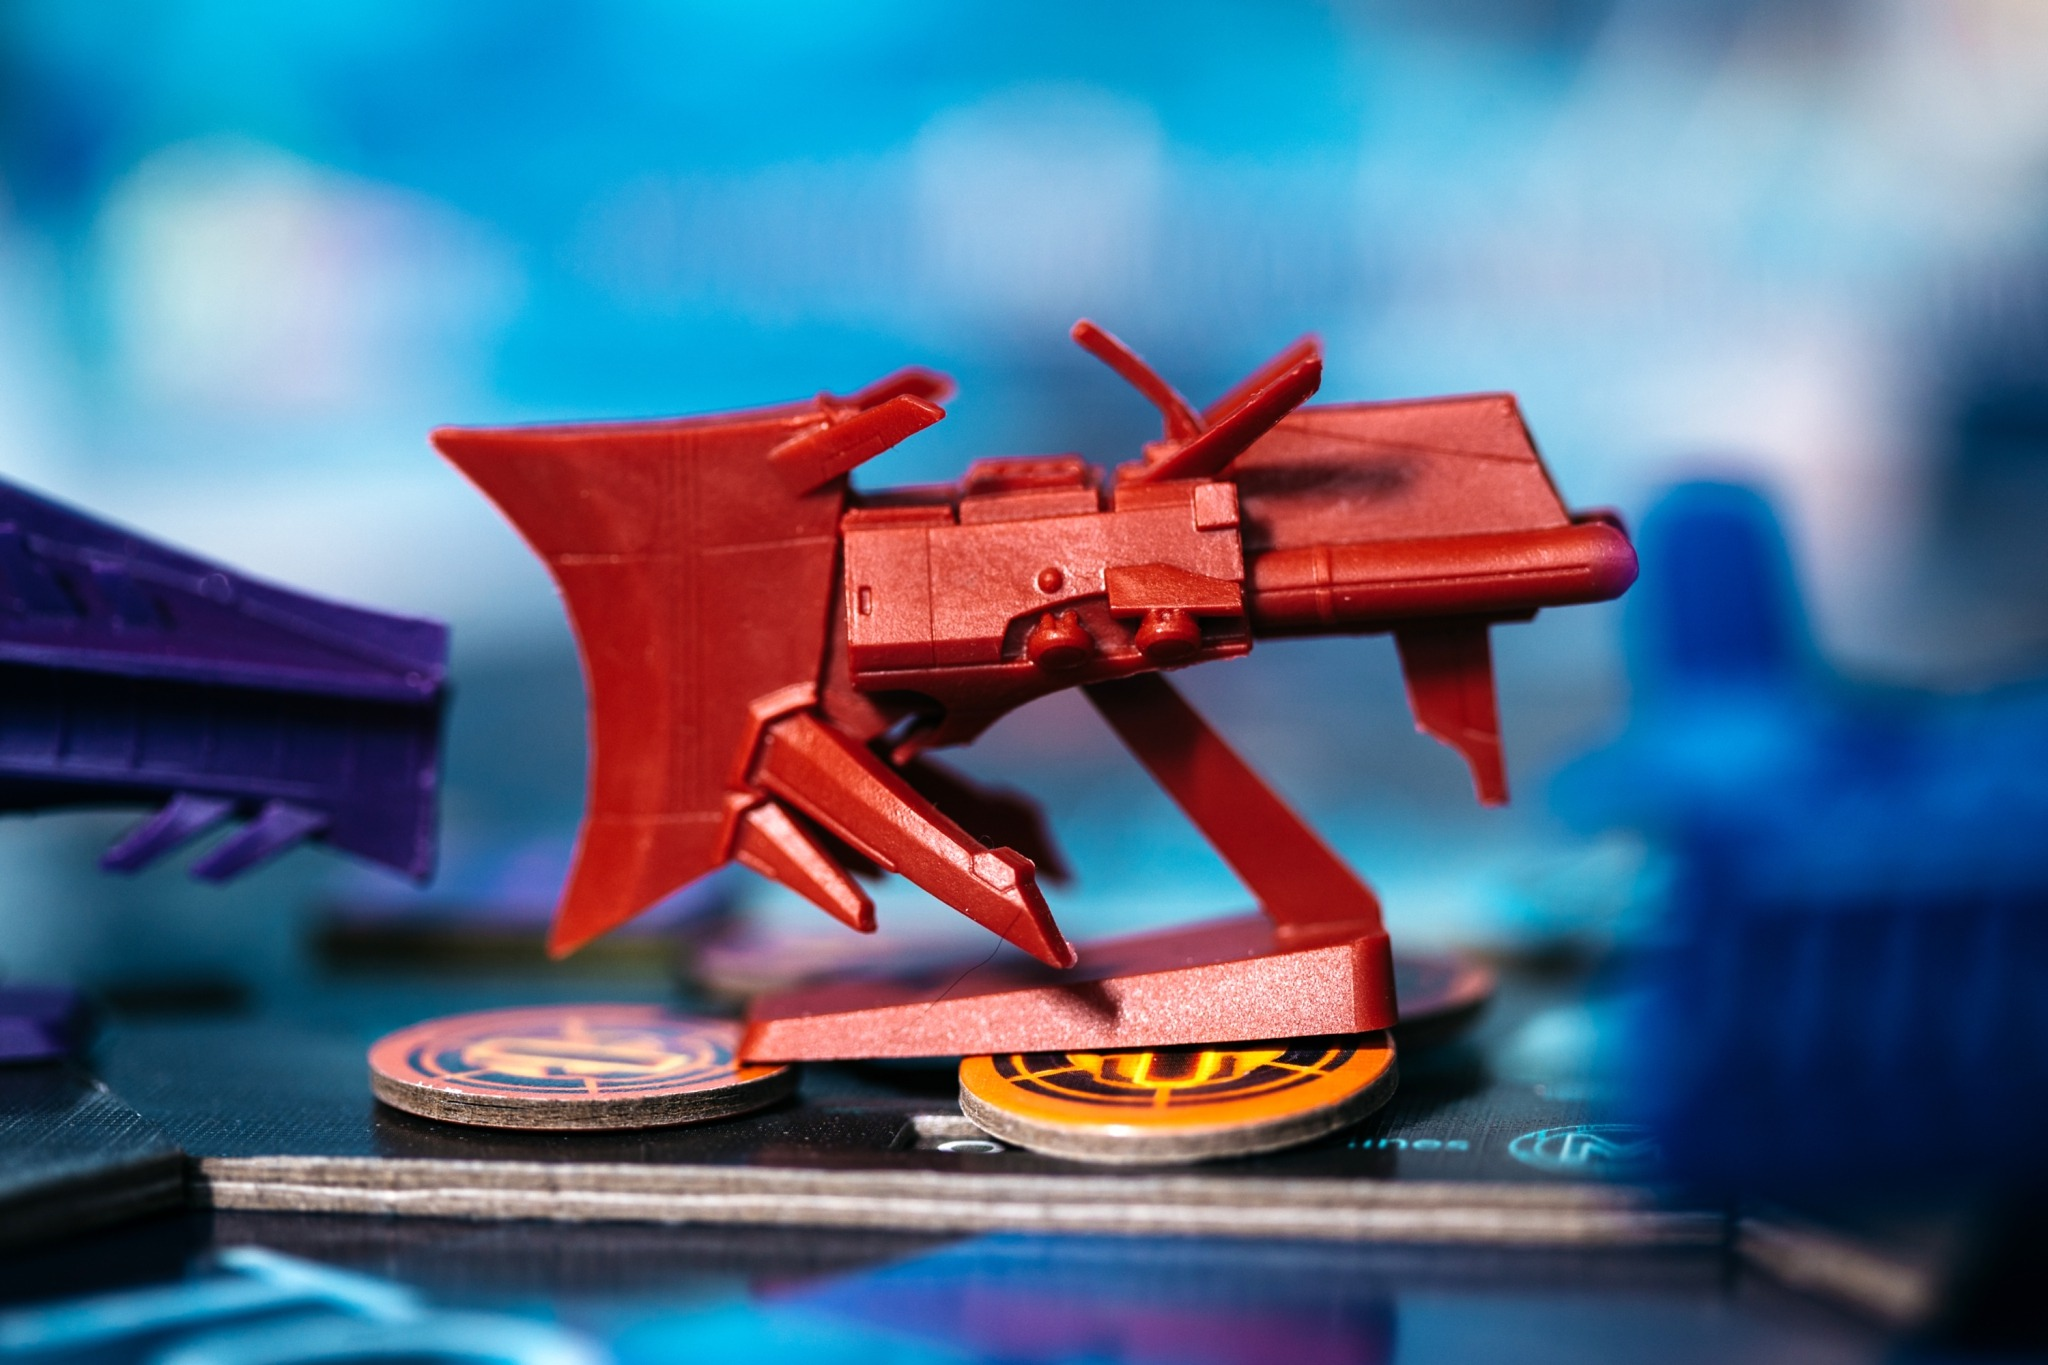 Tortuga 2199 Origames Renegade